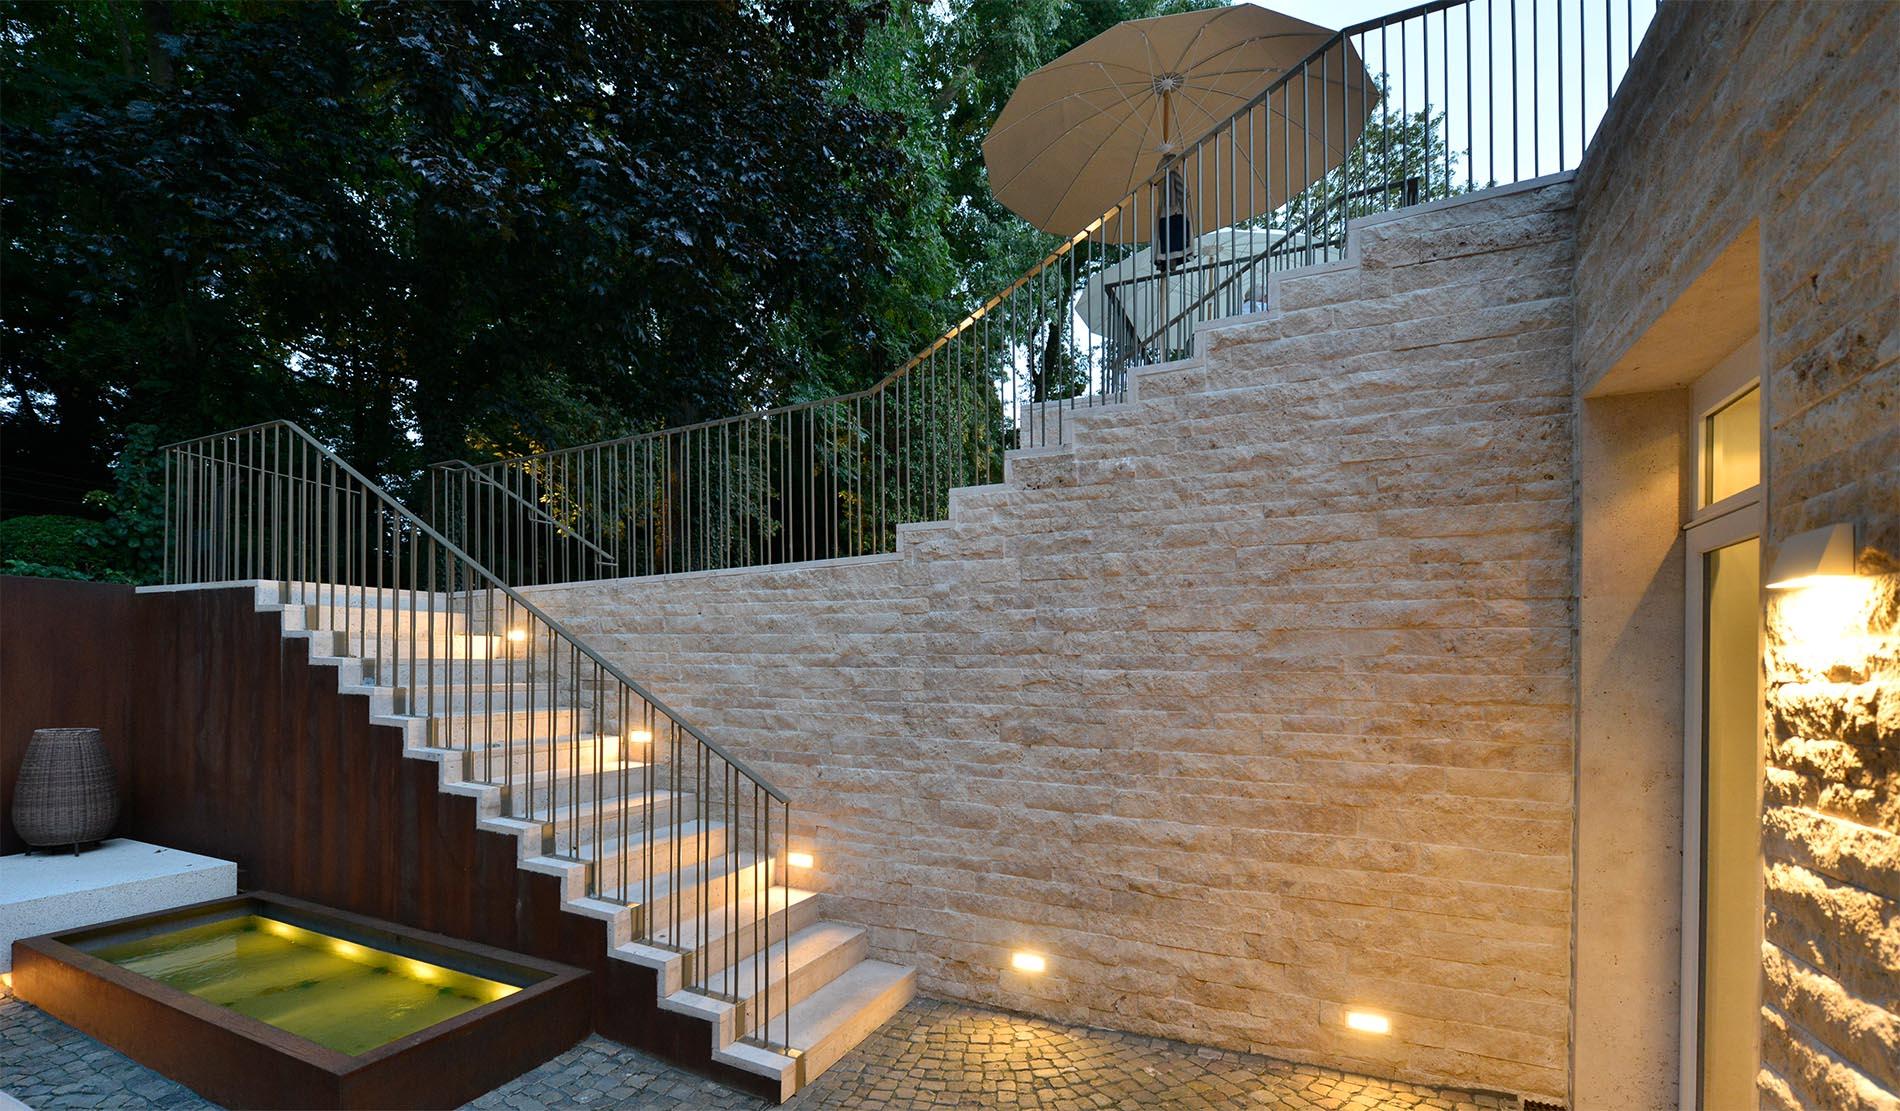 Hotel La Maison Saarlouis Blockstufen Treppenanlage Bauhaus Travertin Mauerwerk Verblendung